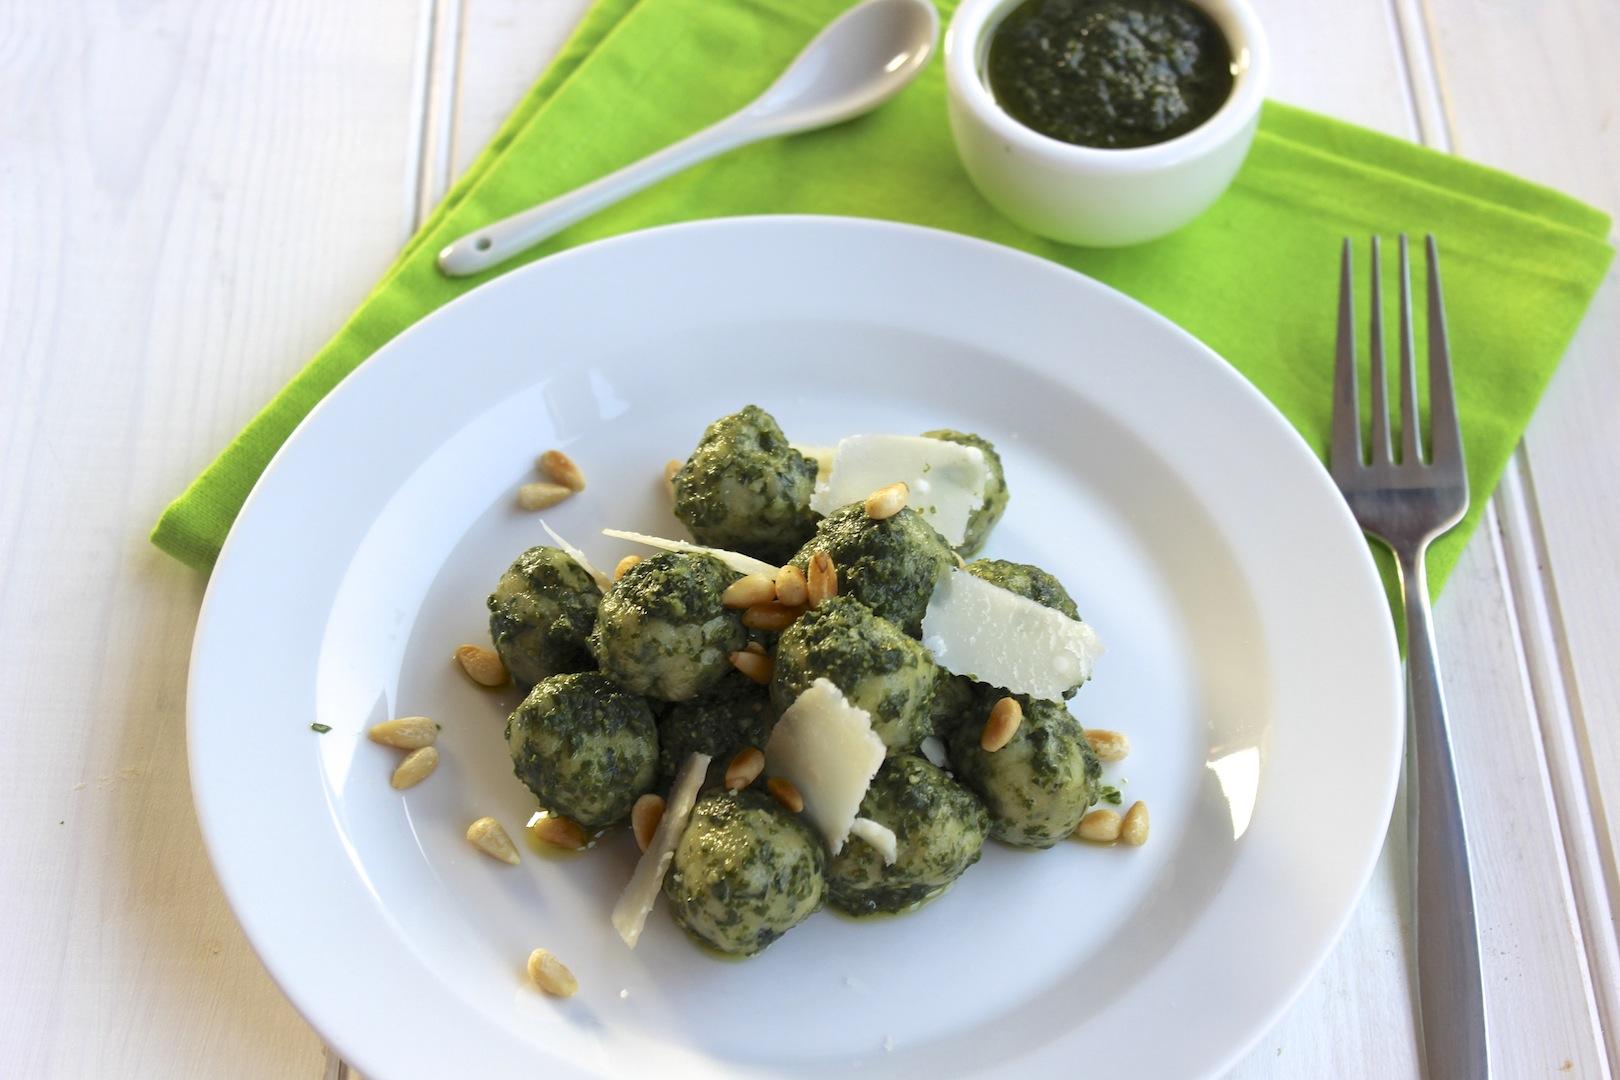 Gnocchi szpinakowe z pesto 1